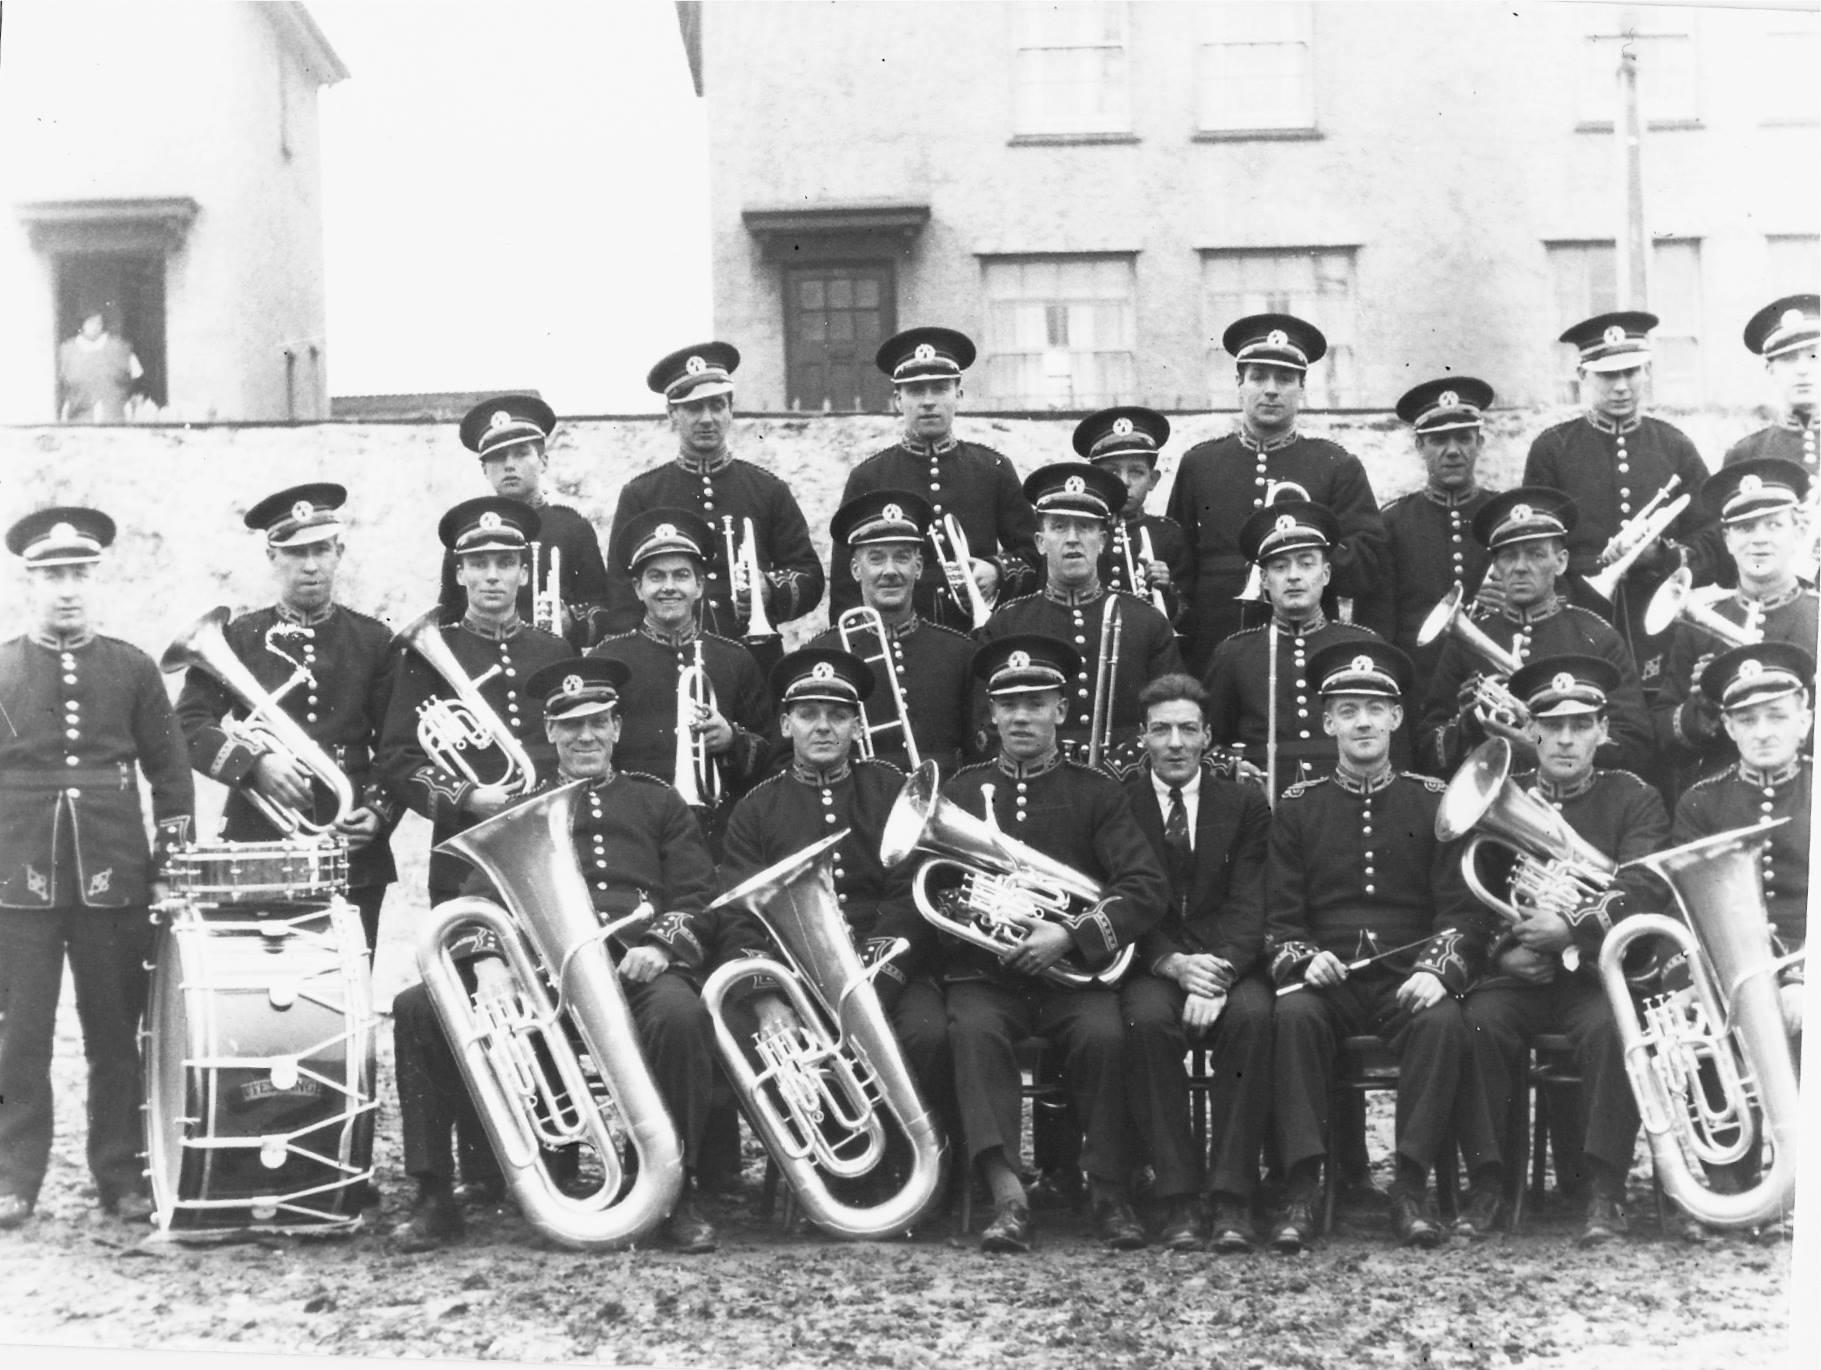 Betteshanger Band